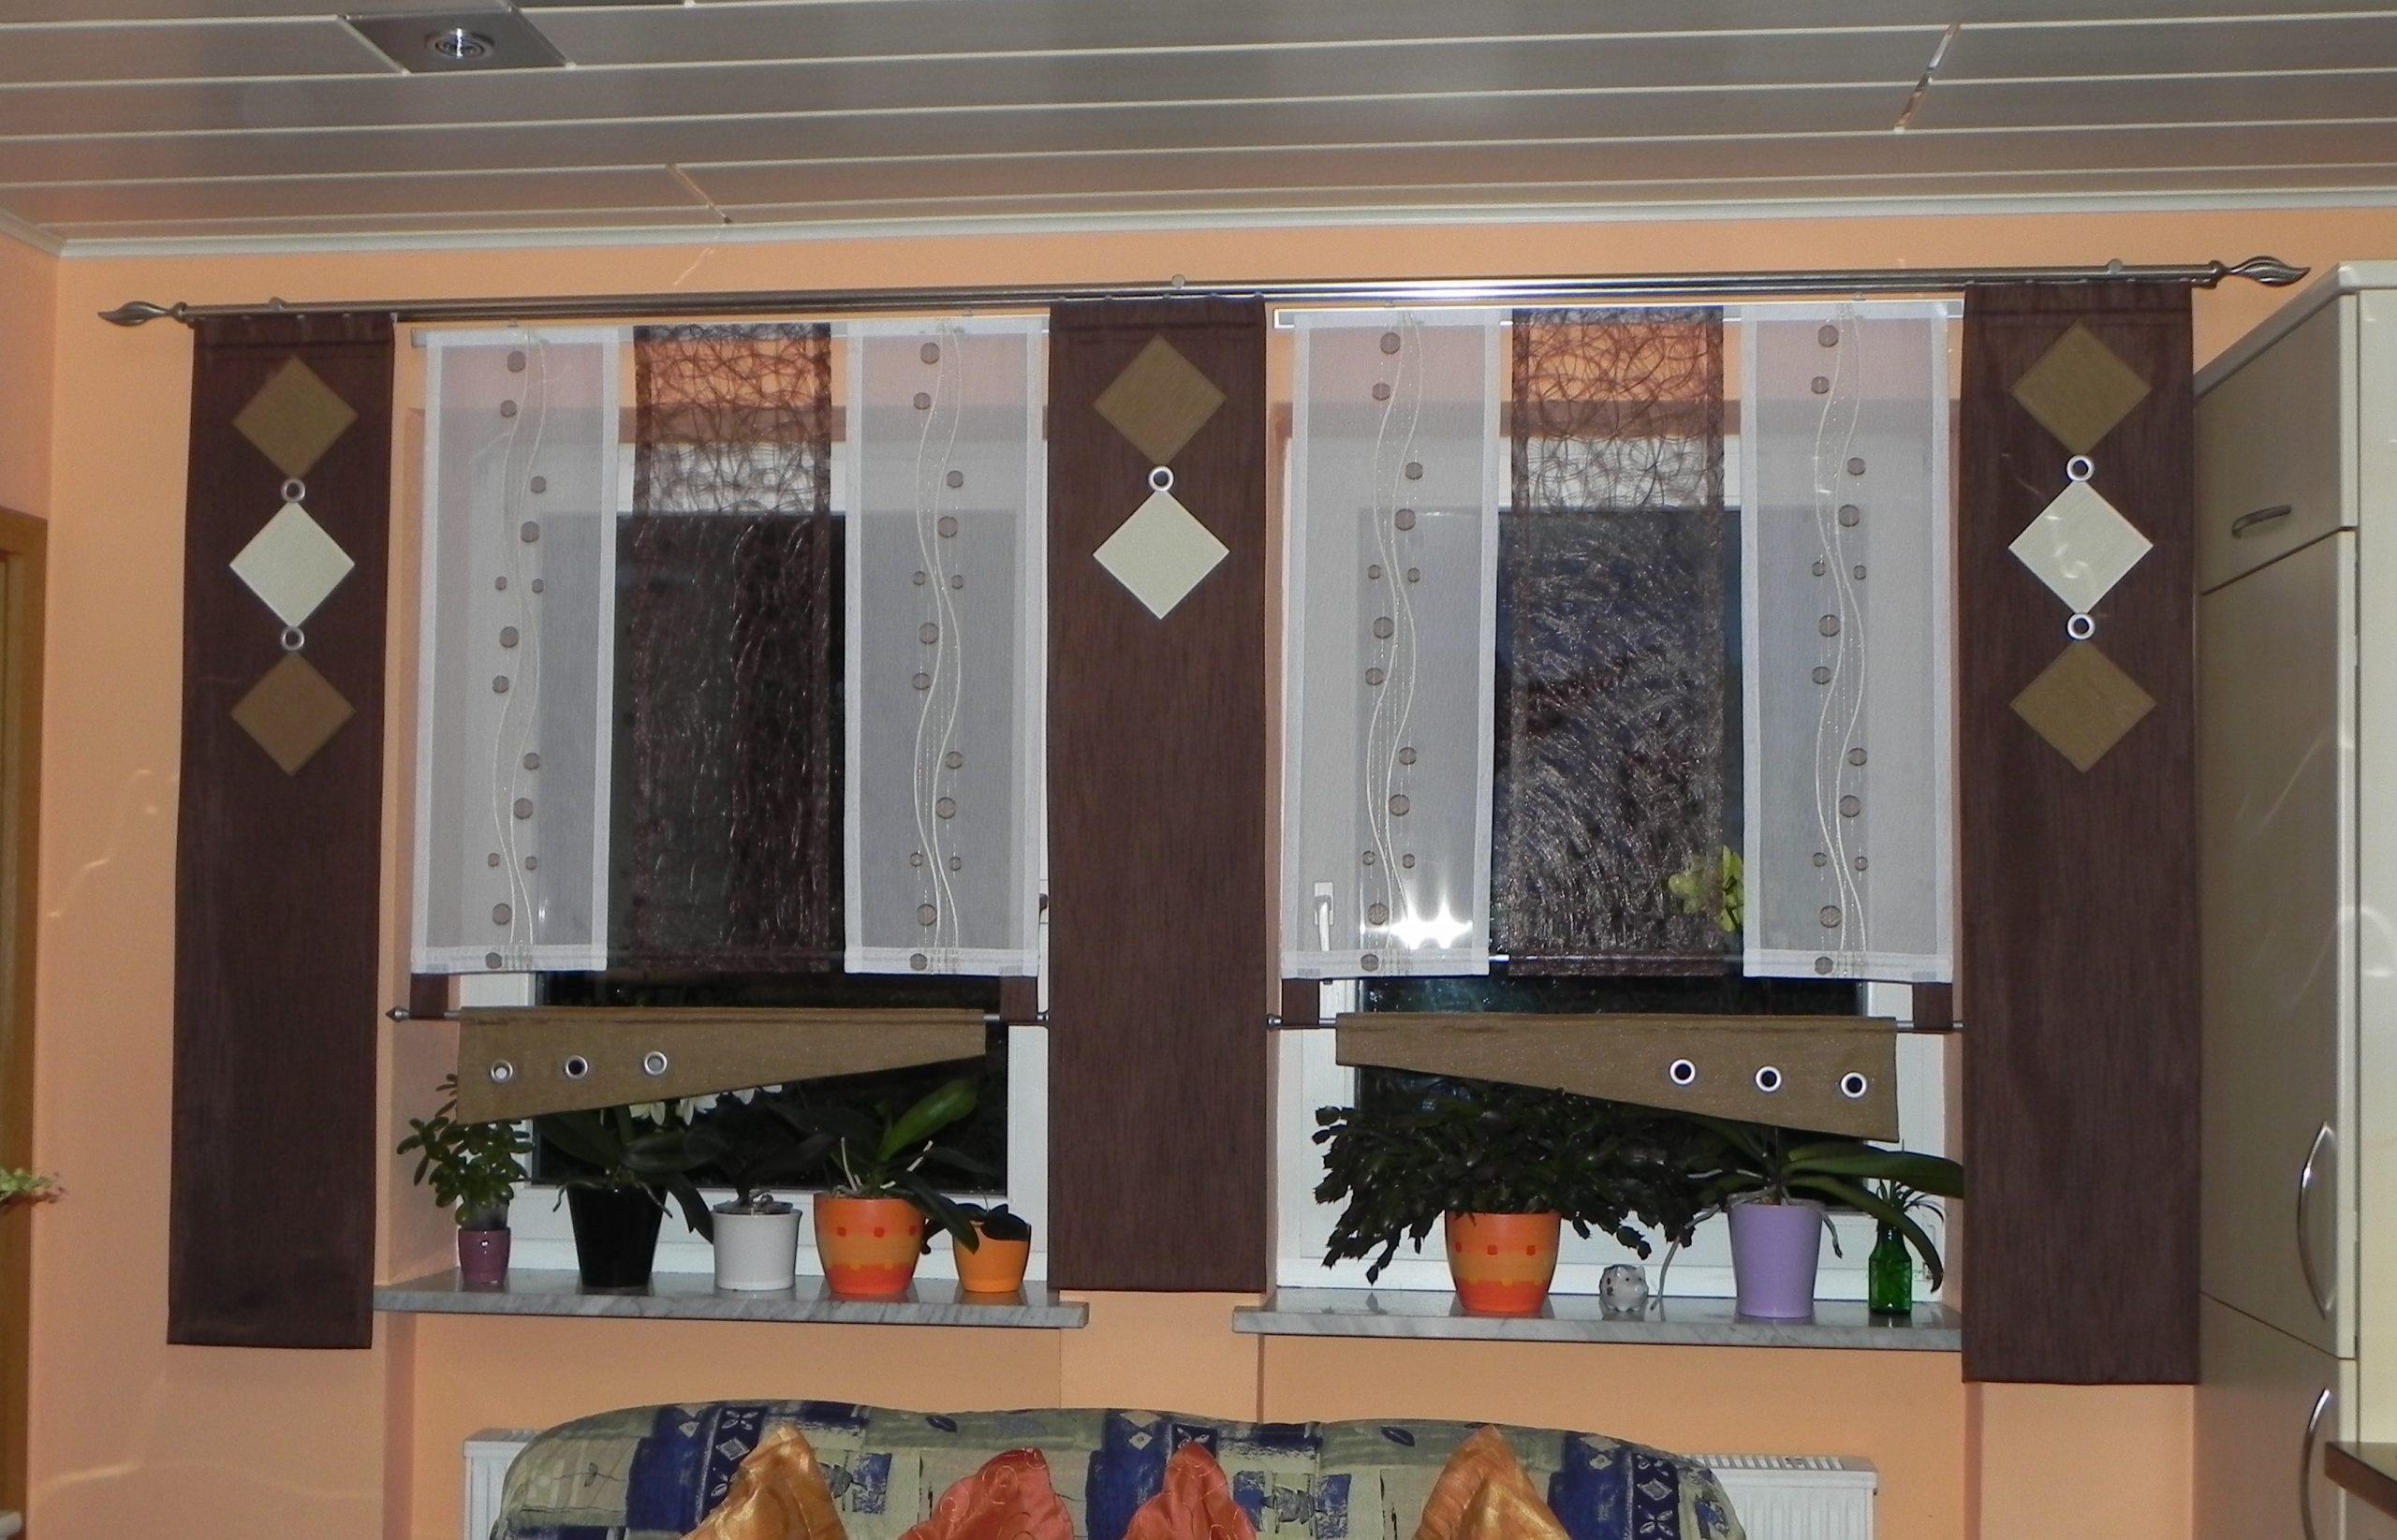 Full Size of Gardinen Dekorationsvorschlge Modern Margas Gardinenstudio Küche Weiss Wandbild Wohnzimmer Modernes Bett 180x200 Schlafzimmer Wandbilder Schrank Landhausstil Wohnzimmer Gardinen Dekorationsvorschläge Wohnzimmer Modern